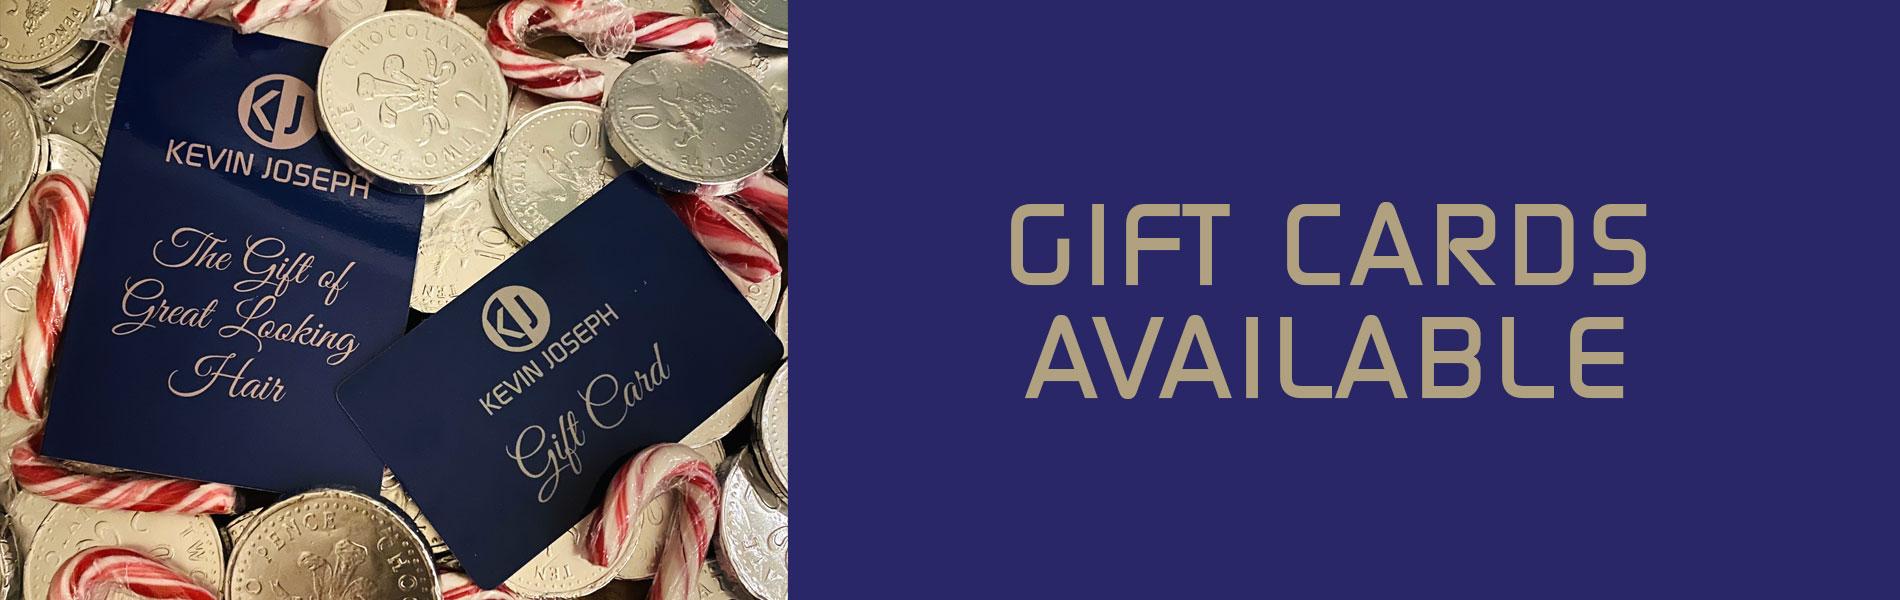 Gift Vouchers Kevin Joseph Uxbridge Hairdressing Salon